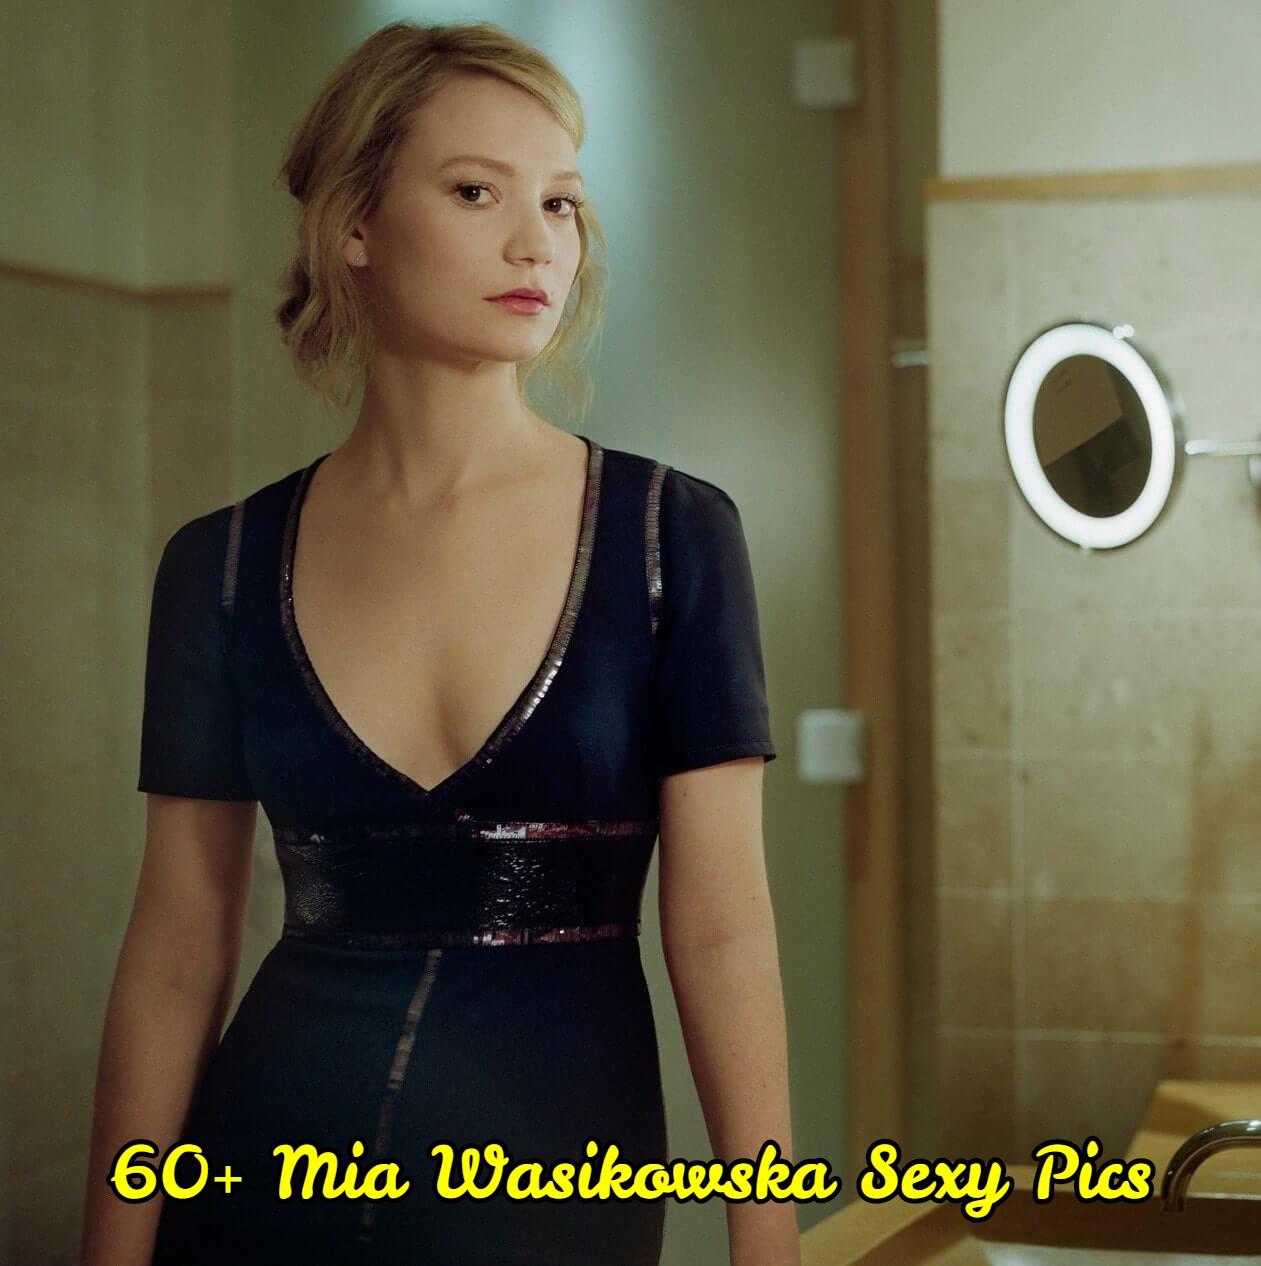 Mia-wasikowska-cleavage